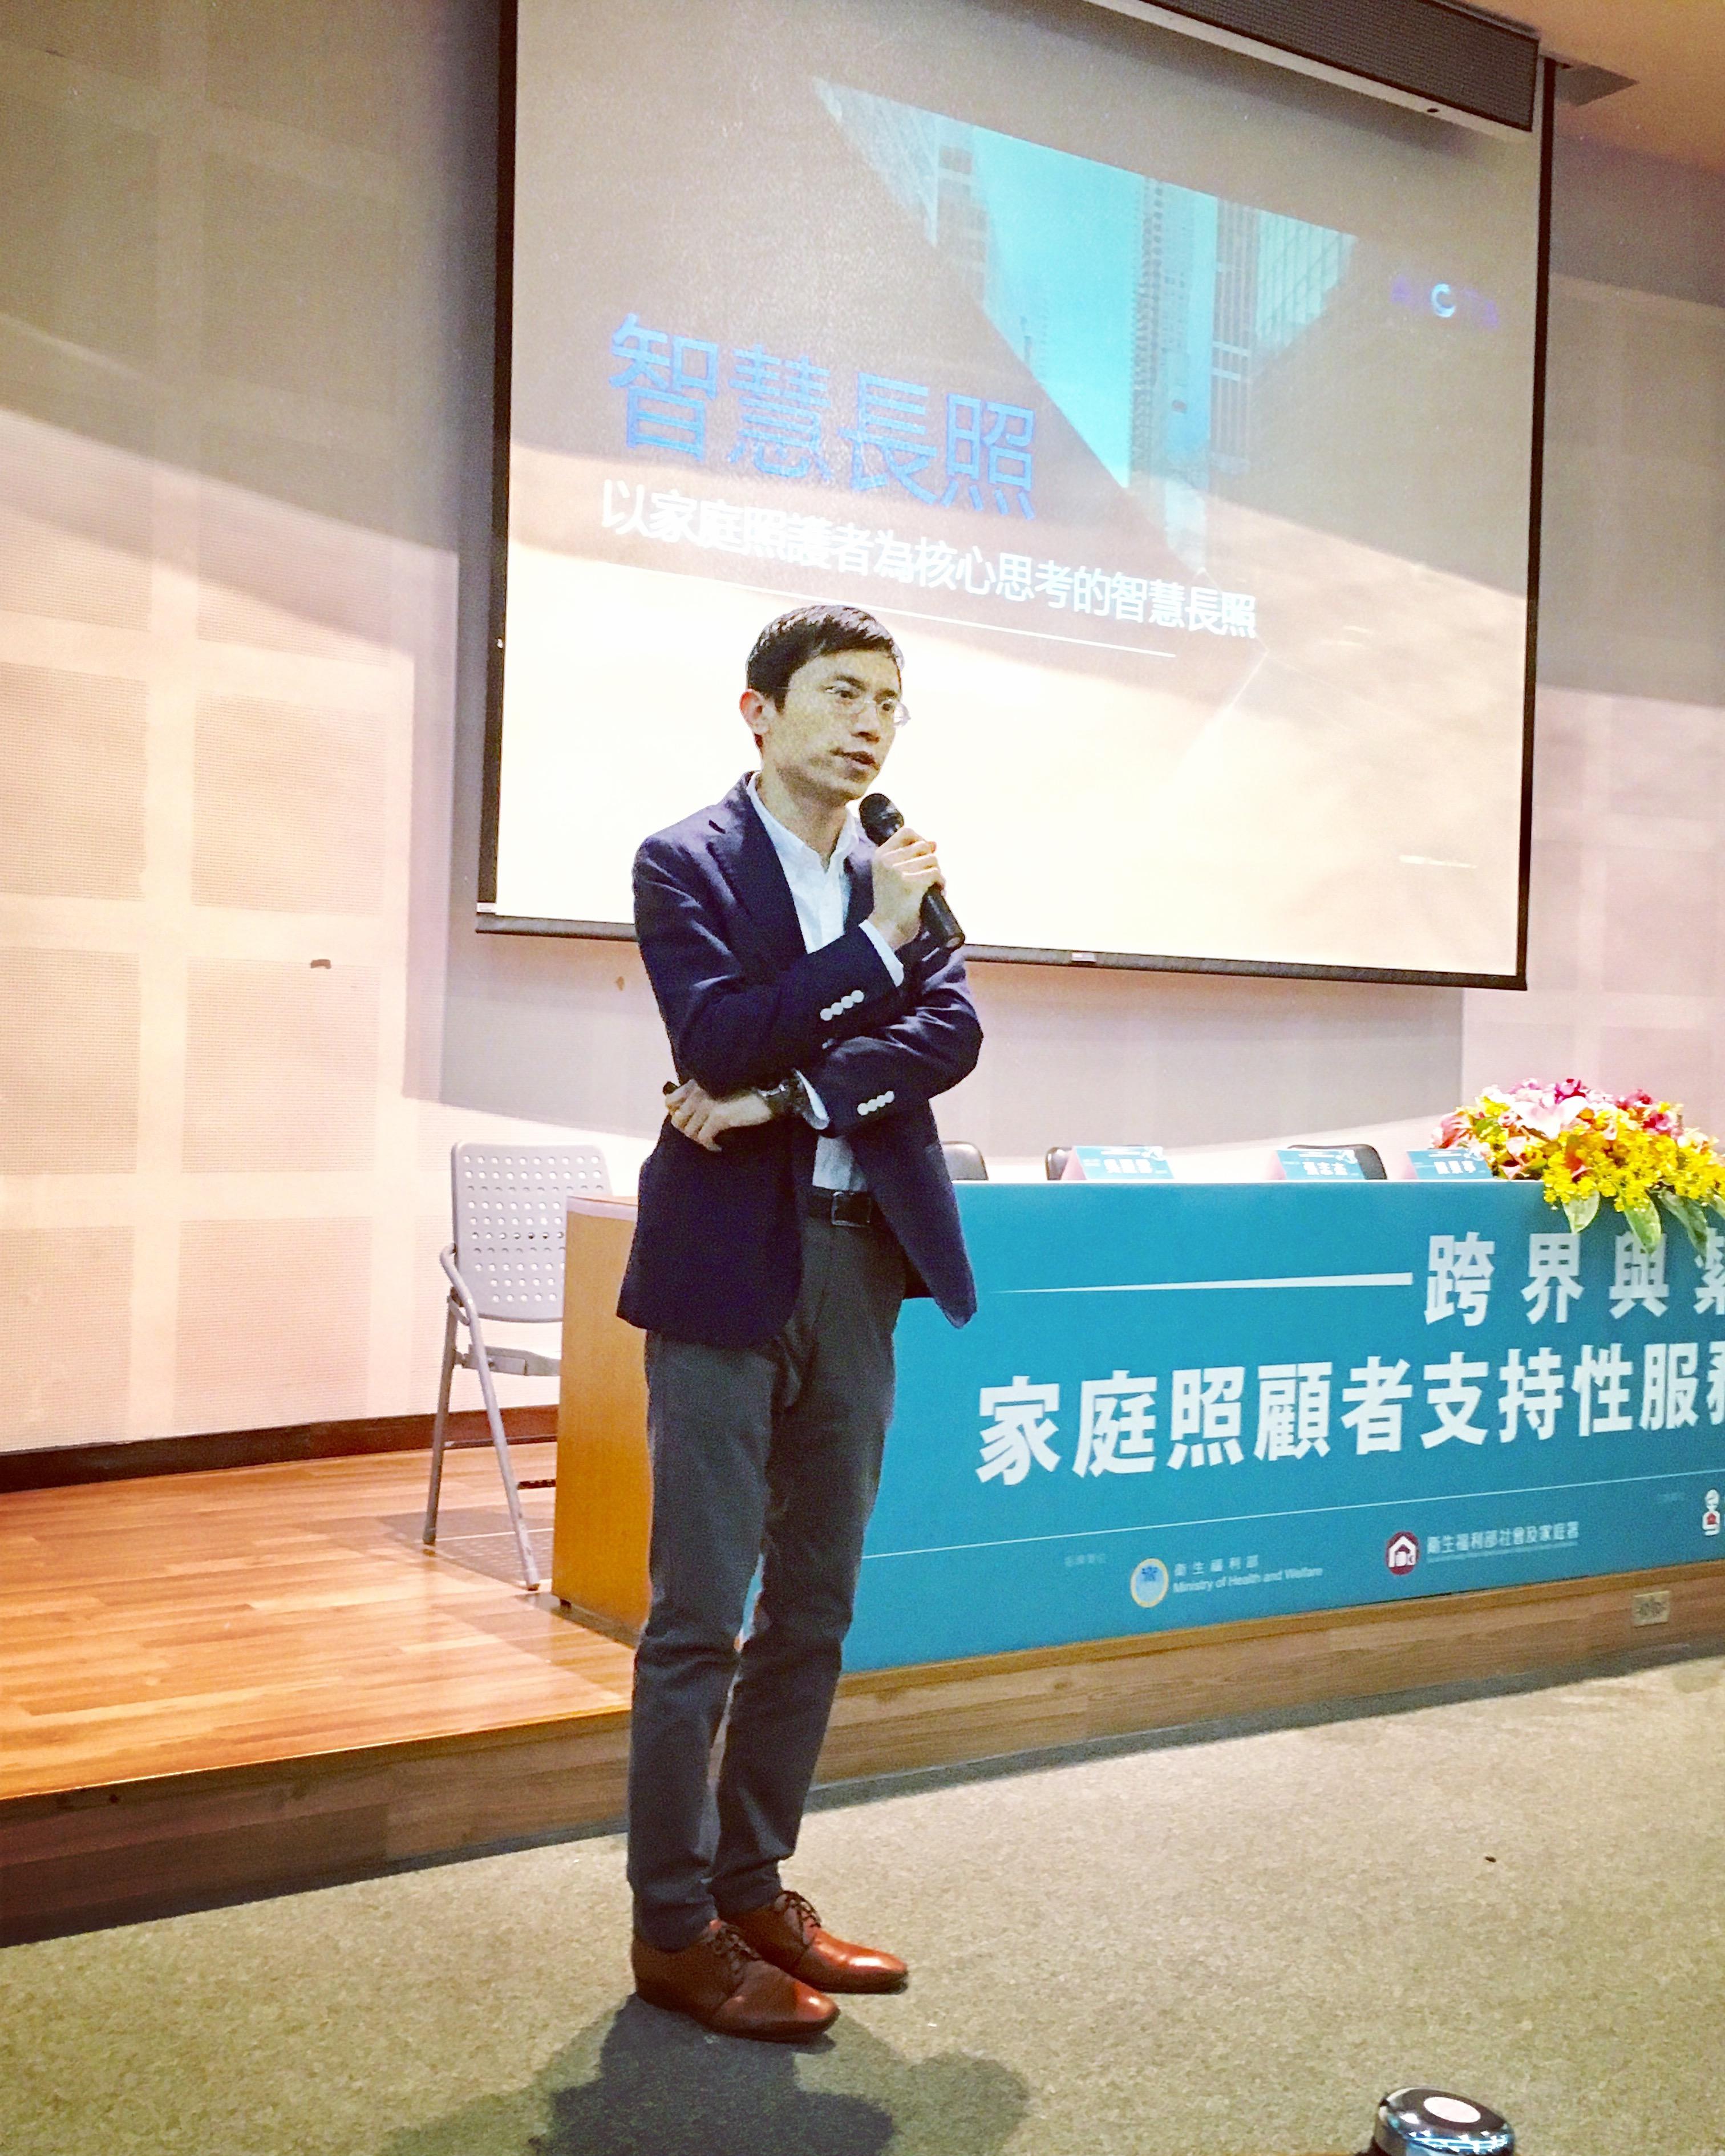 【活動分享】家庭照顧者關懷總會研討會 | AIoTA - 亞洲物聯網聯盟